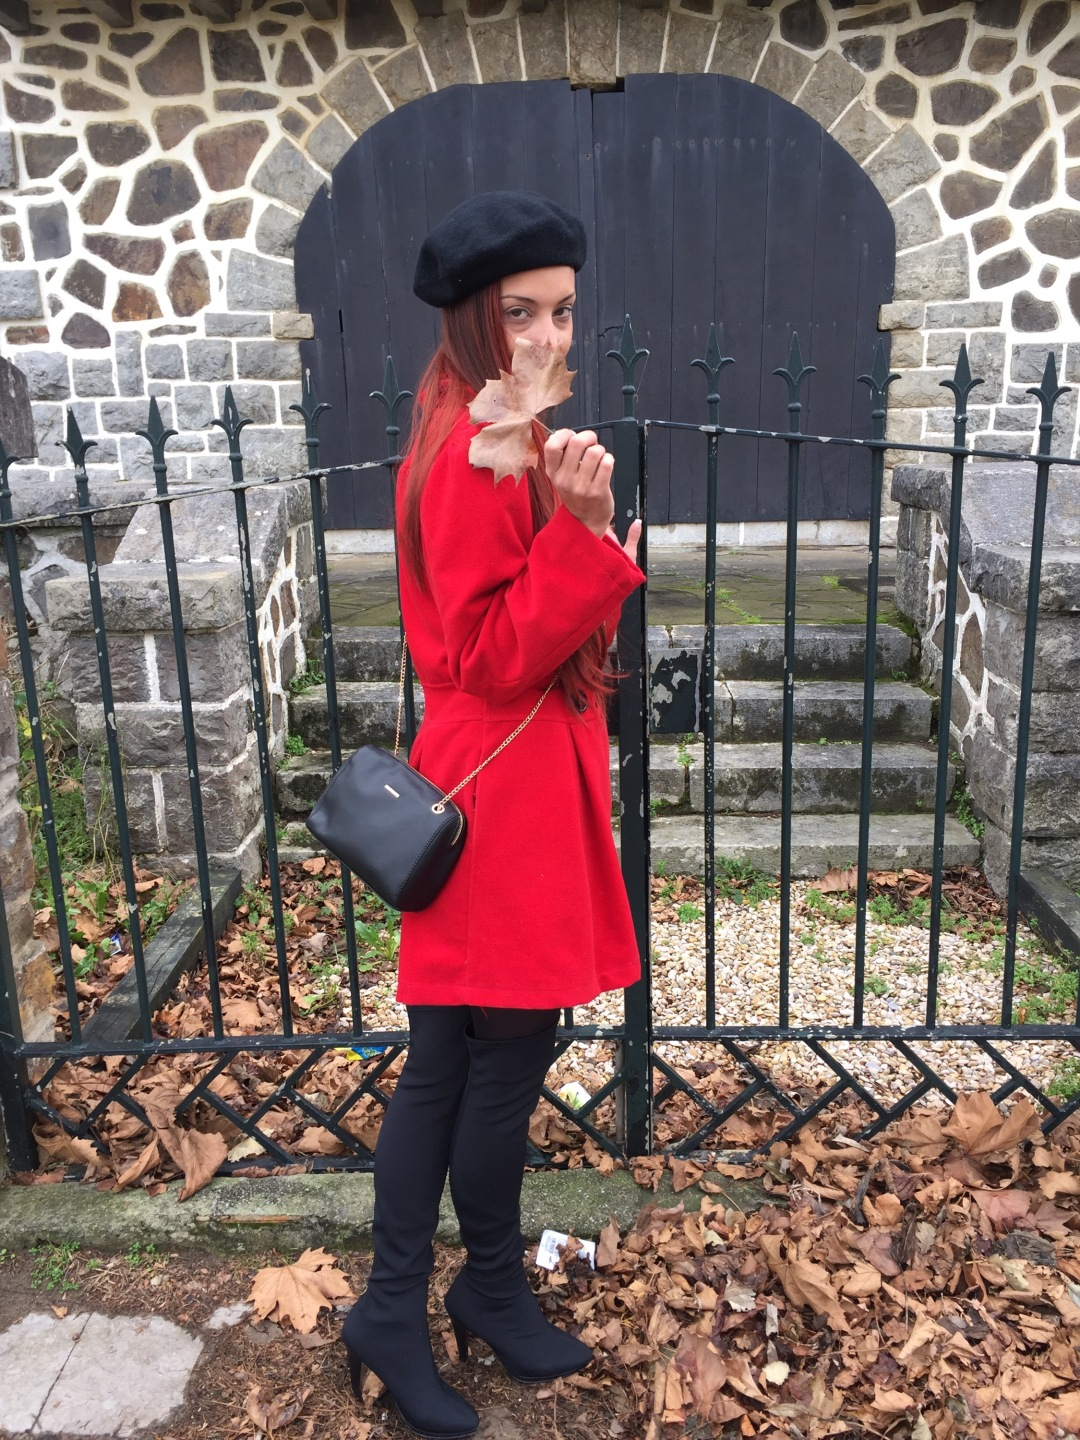 Abrigo rojo - Red coat